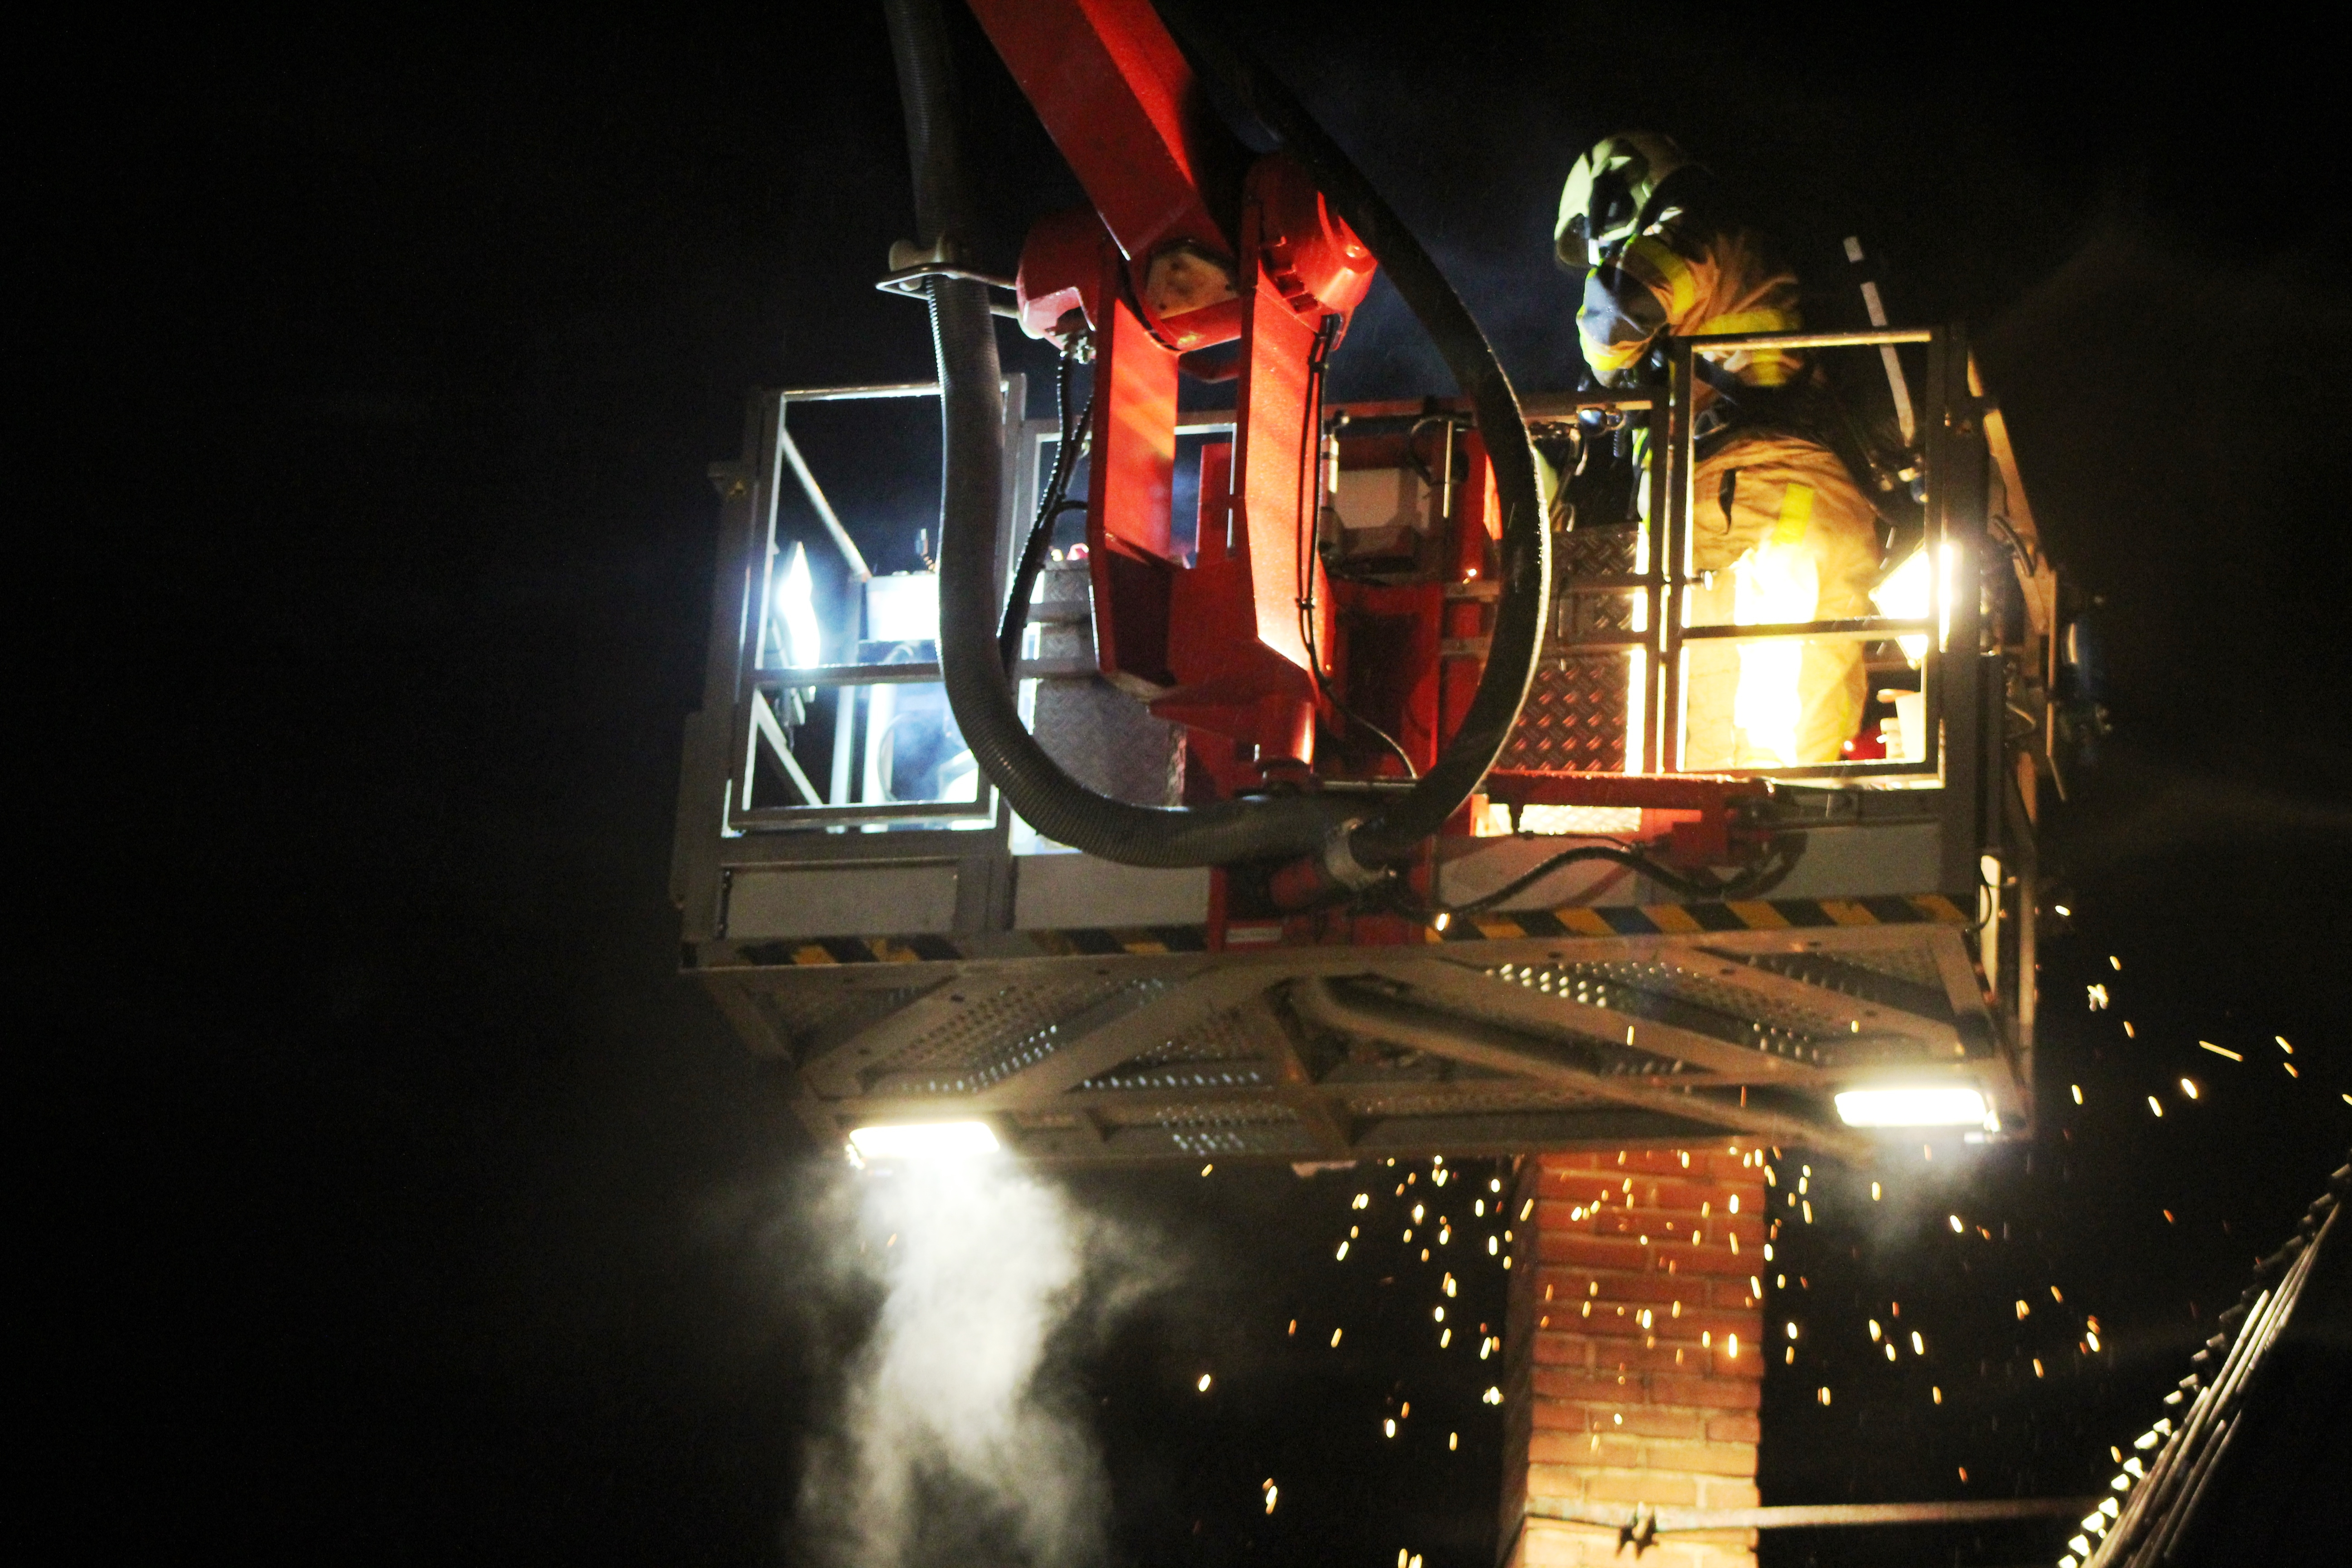 Brandweer rukt uit voor een schoorsteenbrand.